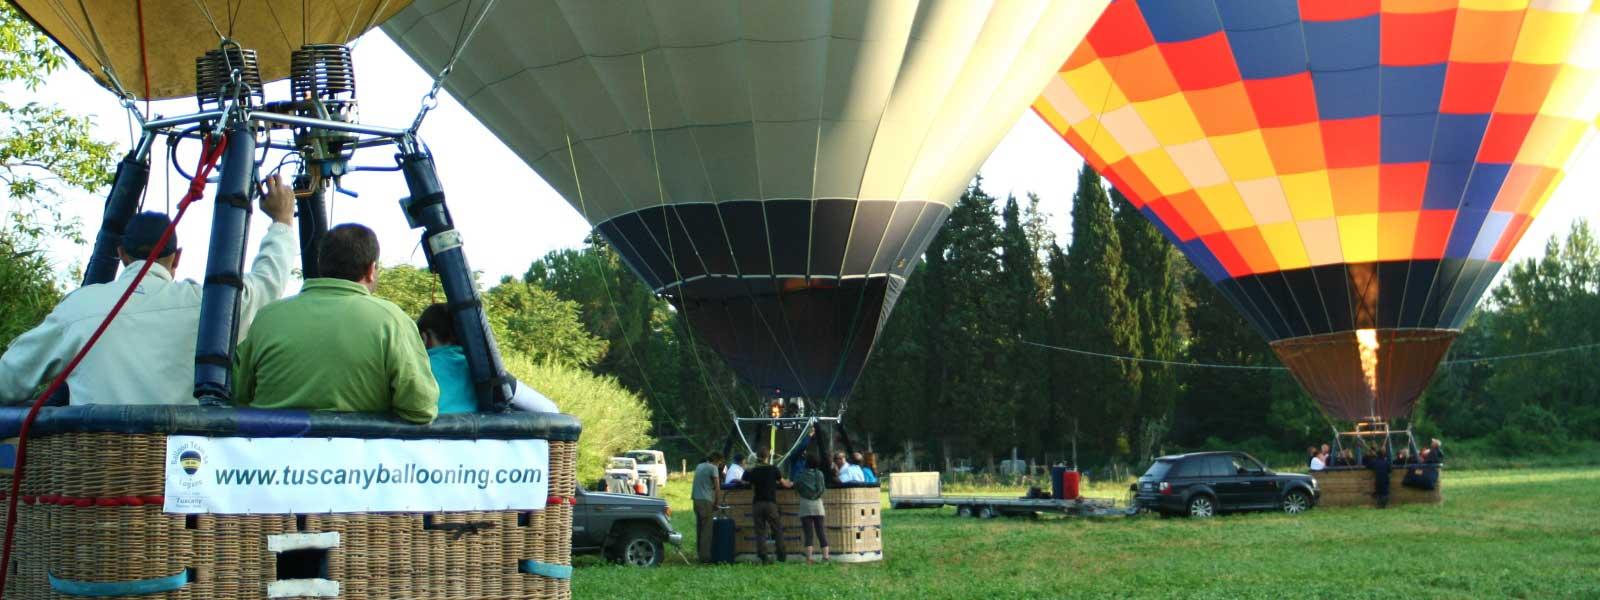 balloons-waiting-for-takoff